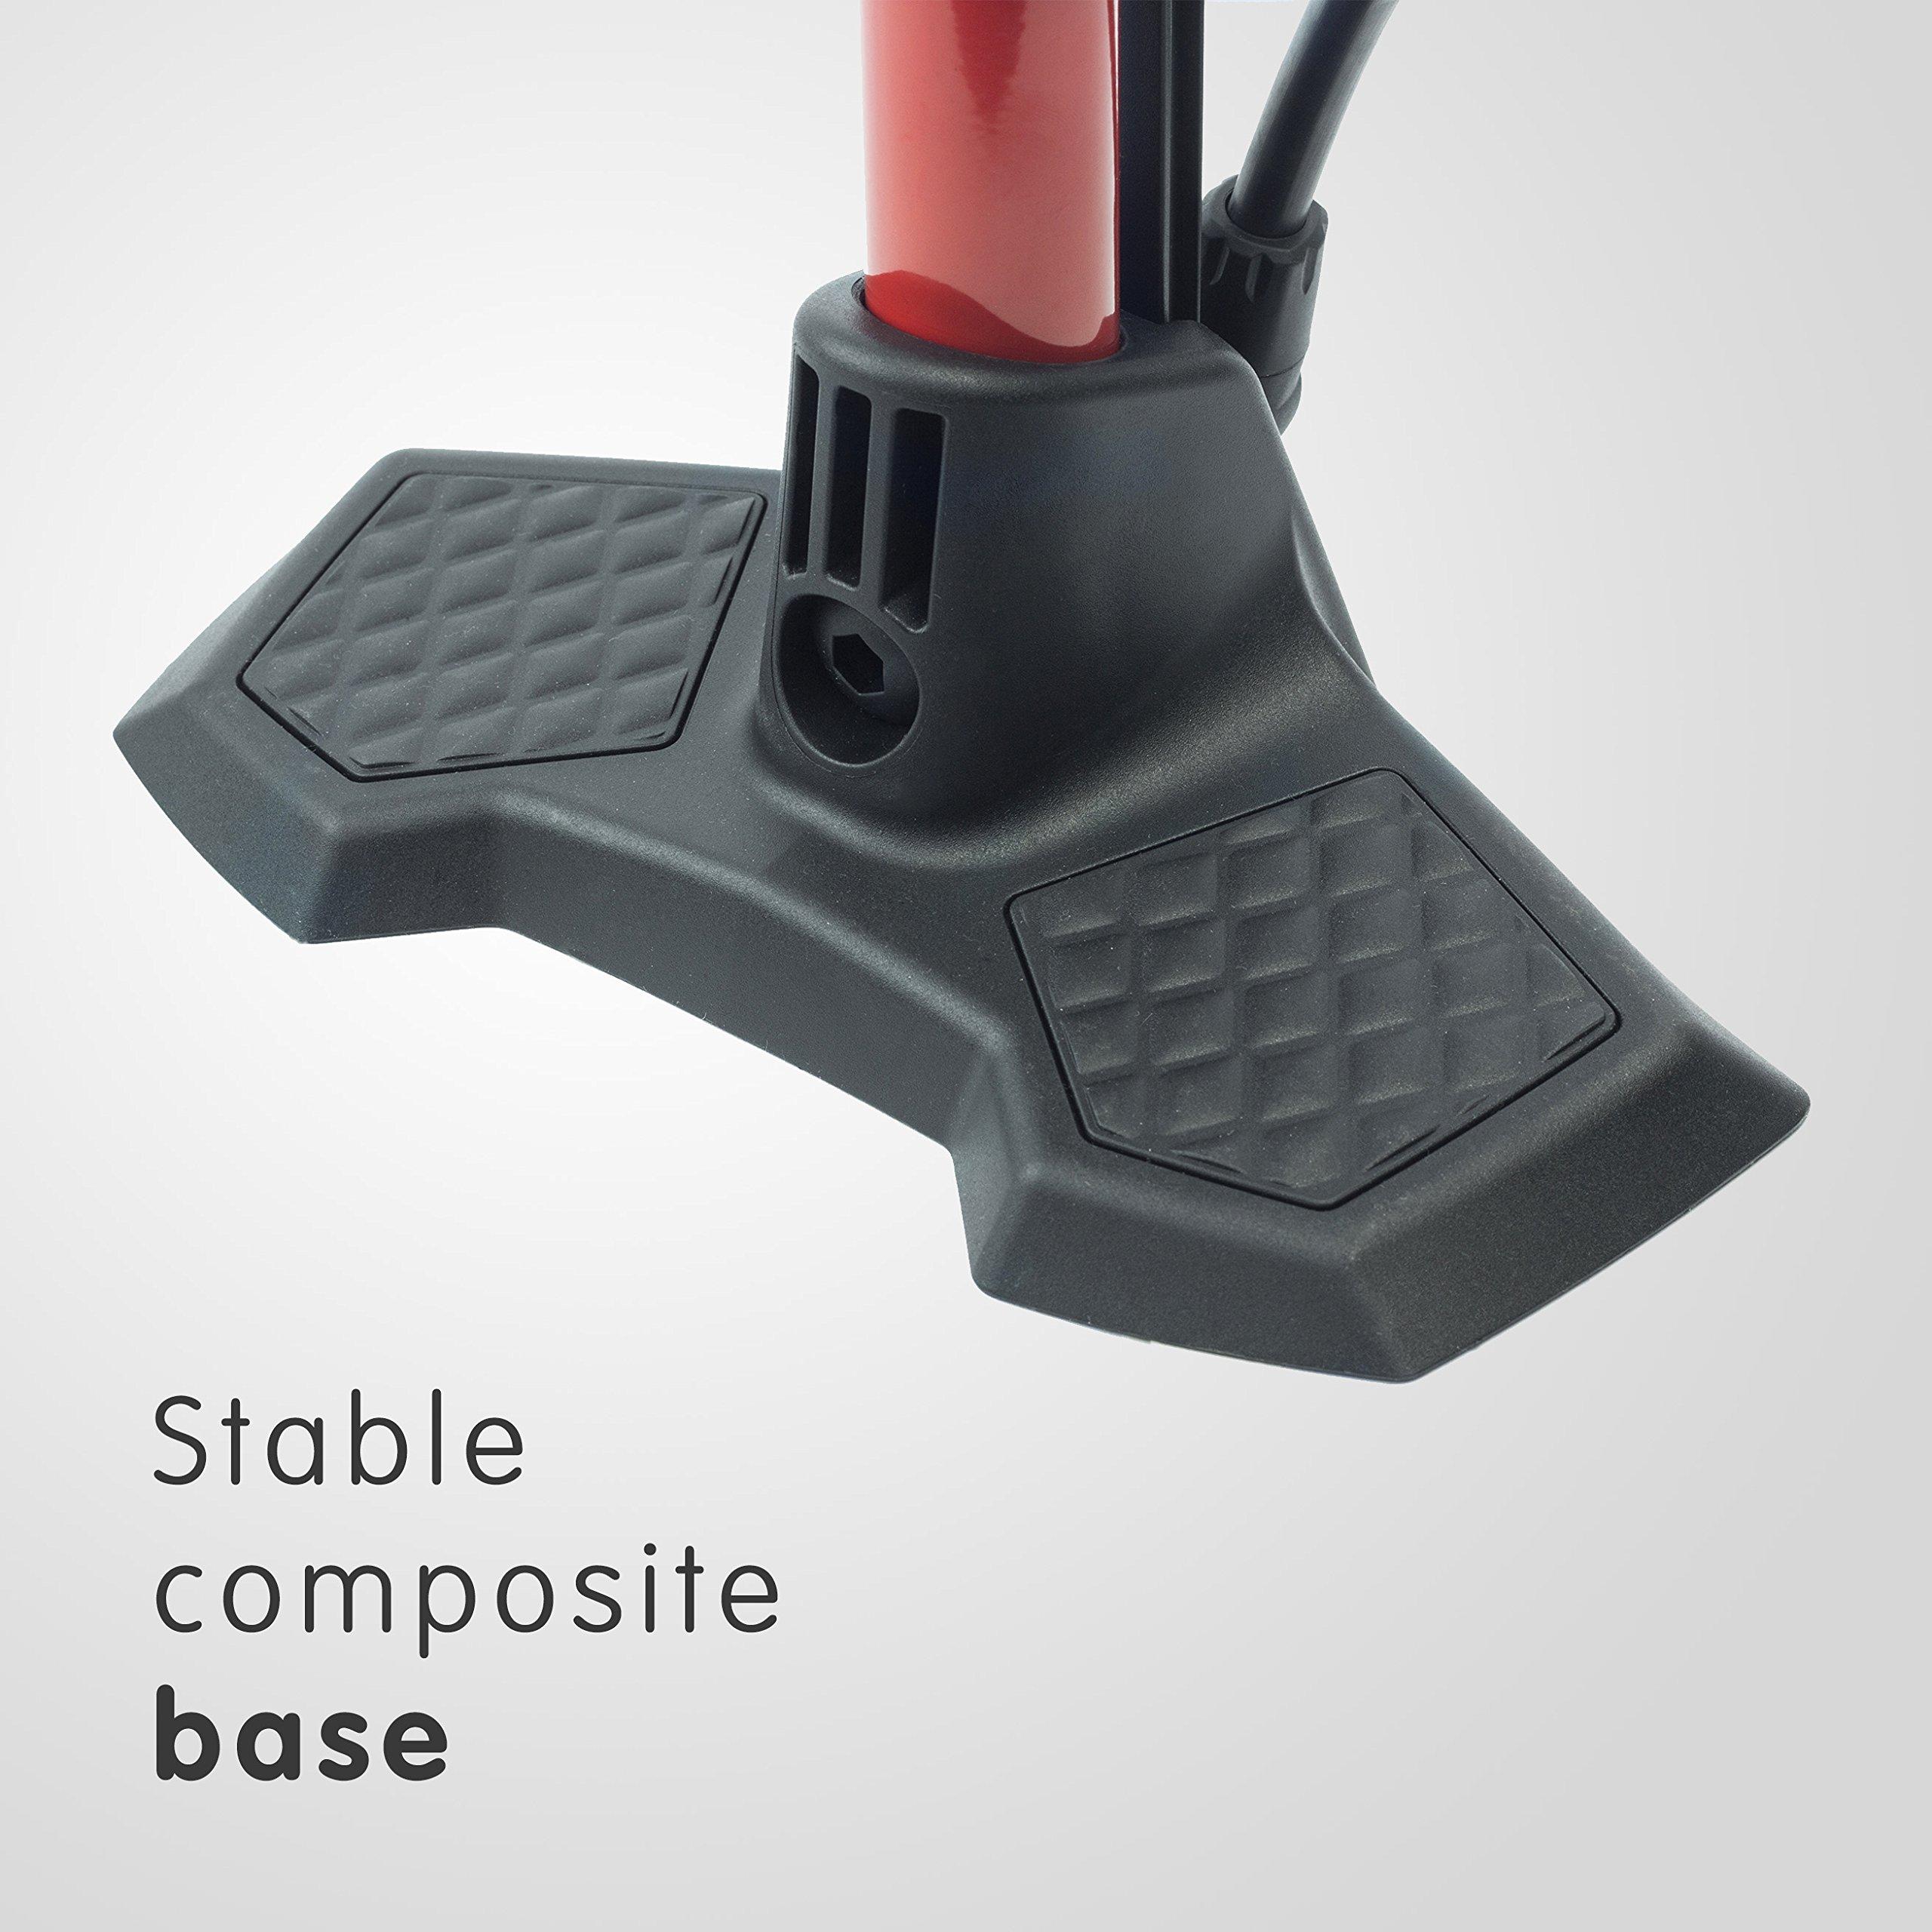 160psi Ball//Bladder Needle Floor Pump with Gauge Auto Presta /& Schrader Ready